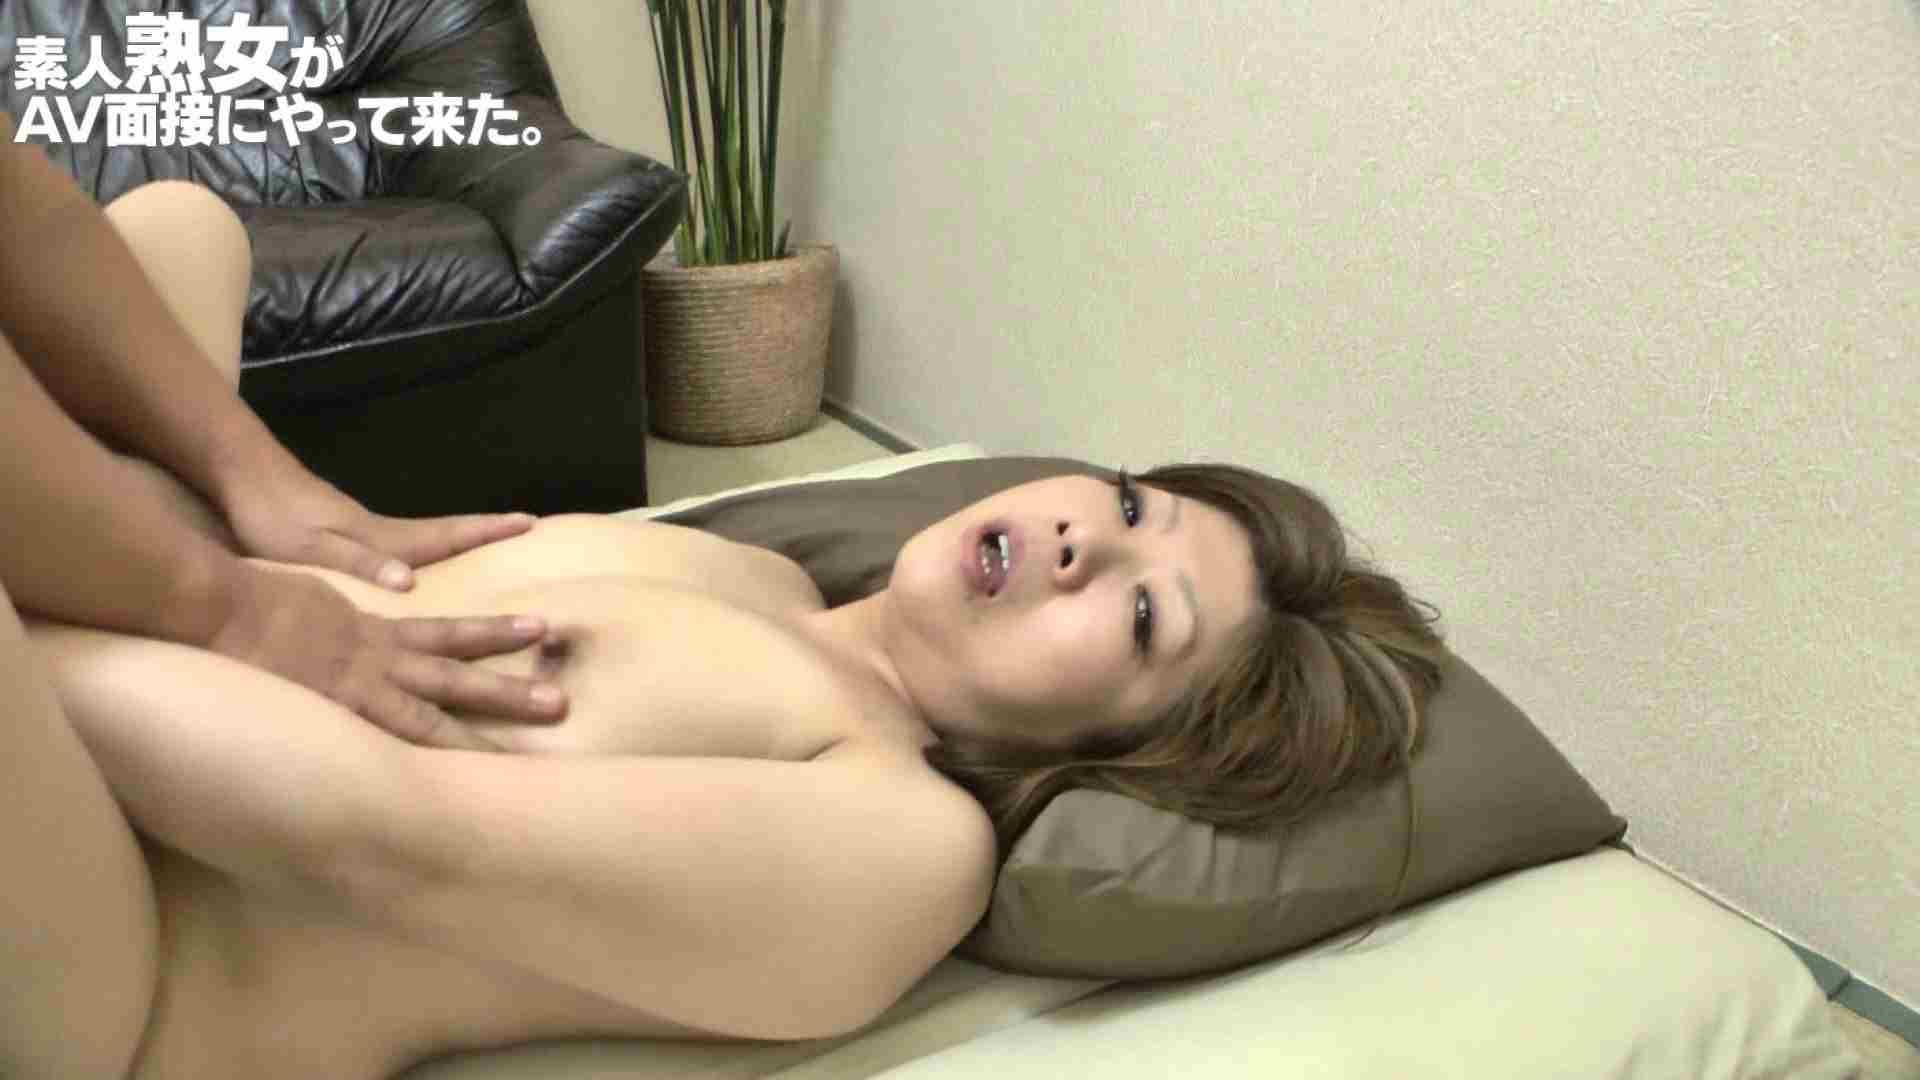 素人熟女がAV面接にやってきた (仮名)ゆかさんVOL.04 フェラチオシーン おめこ無修正動画無料 83pic 60